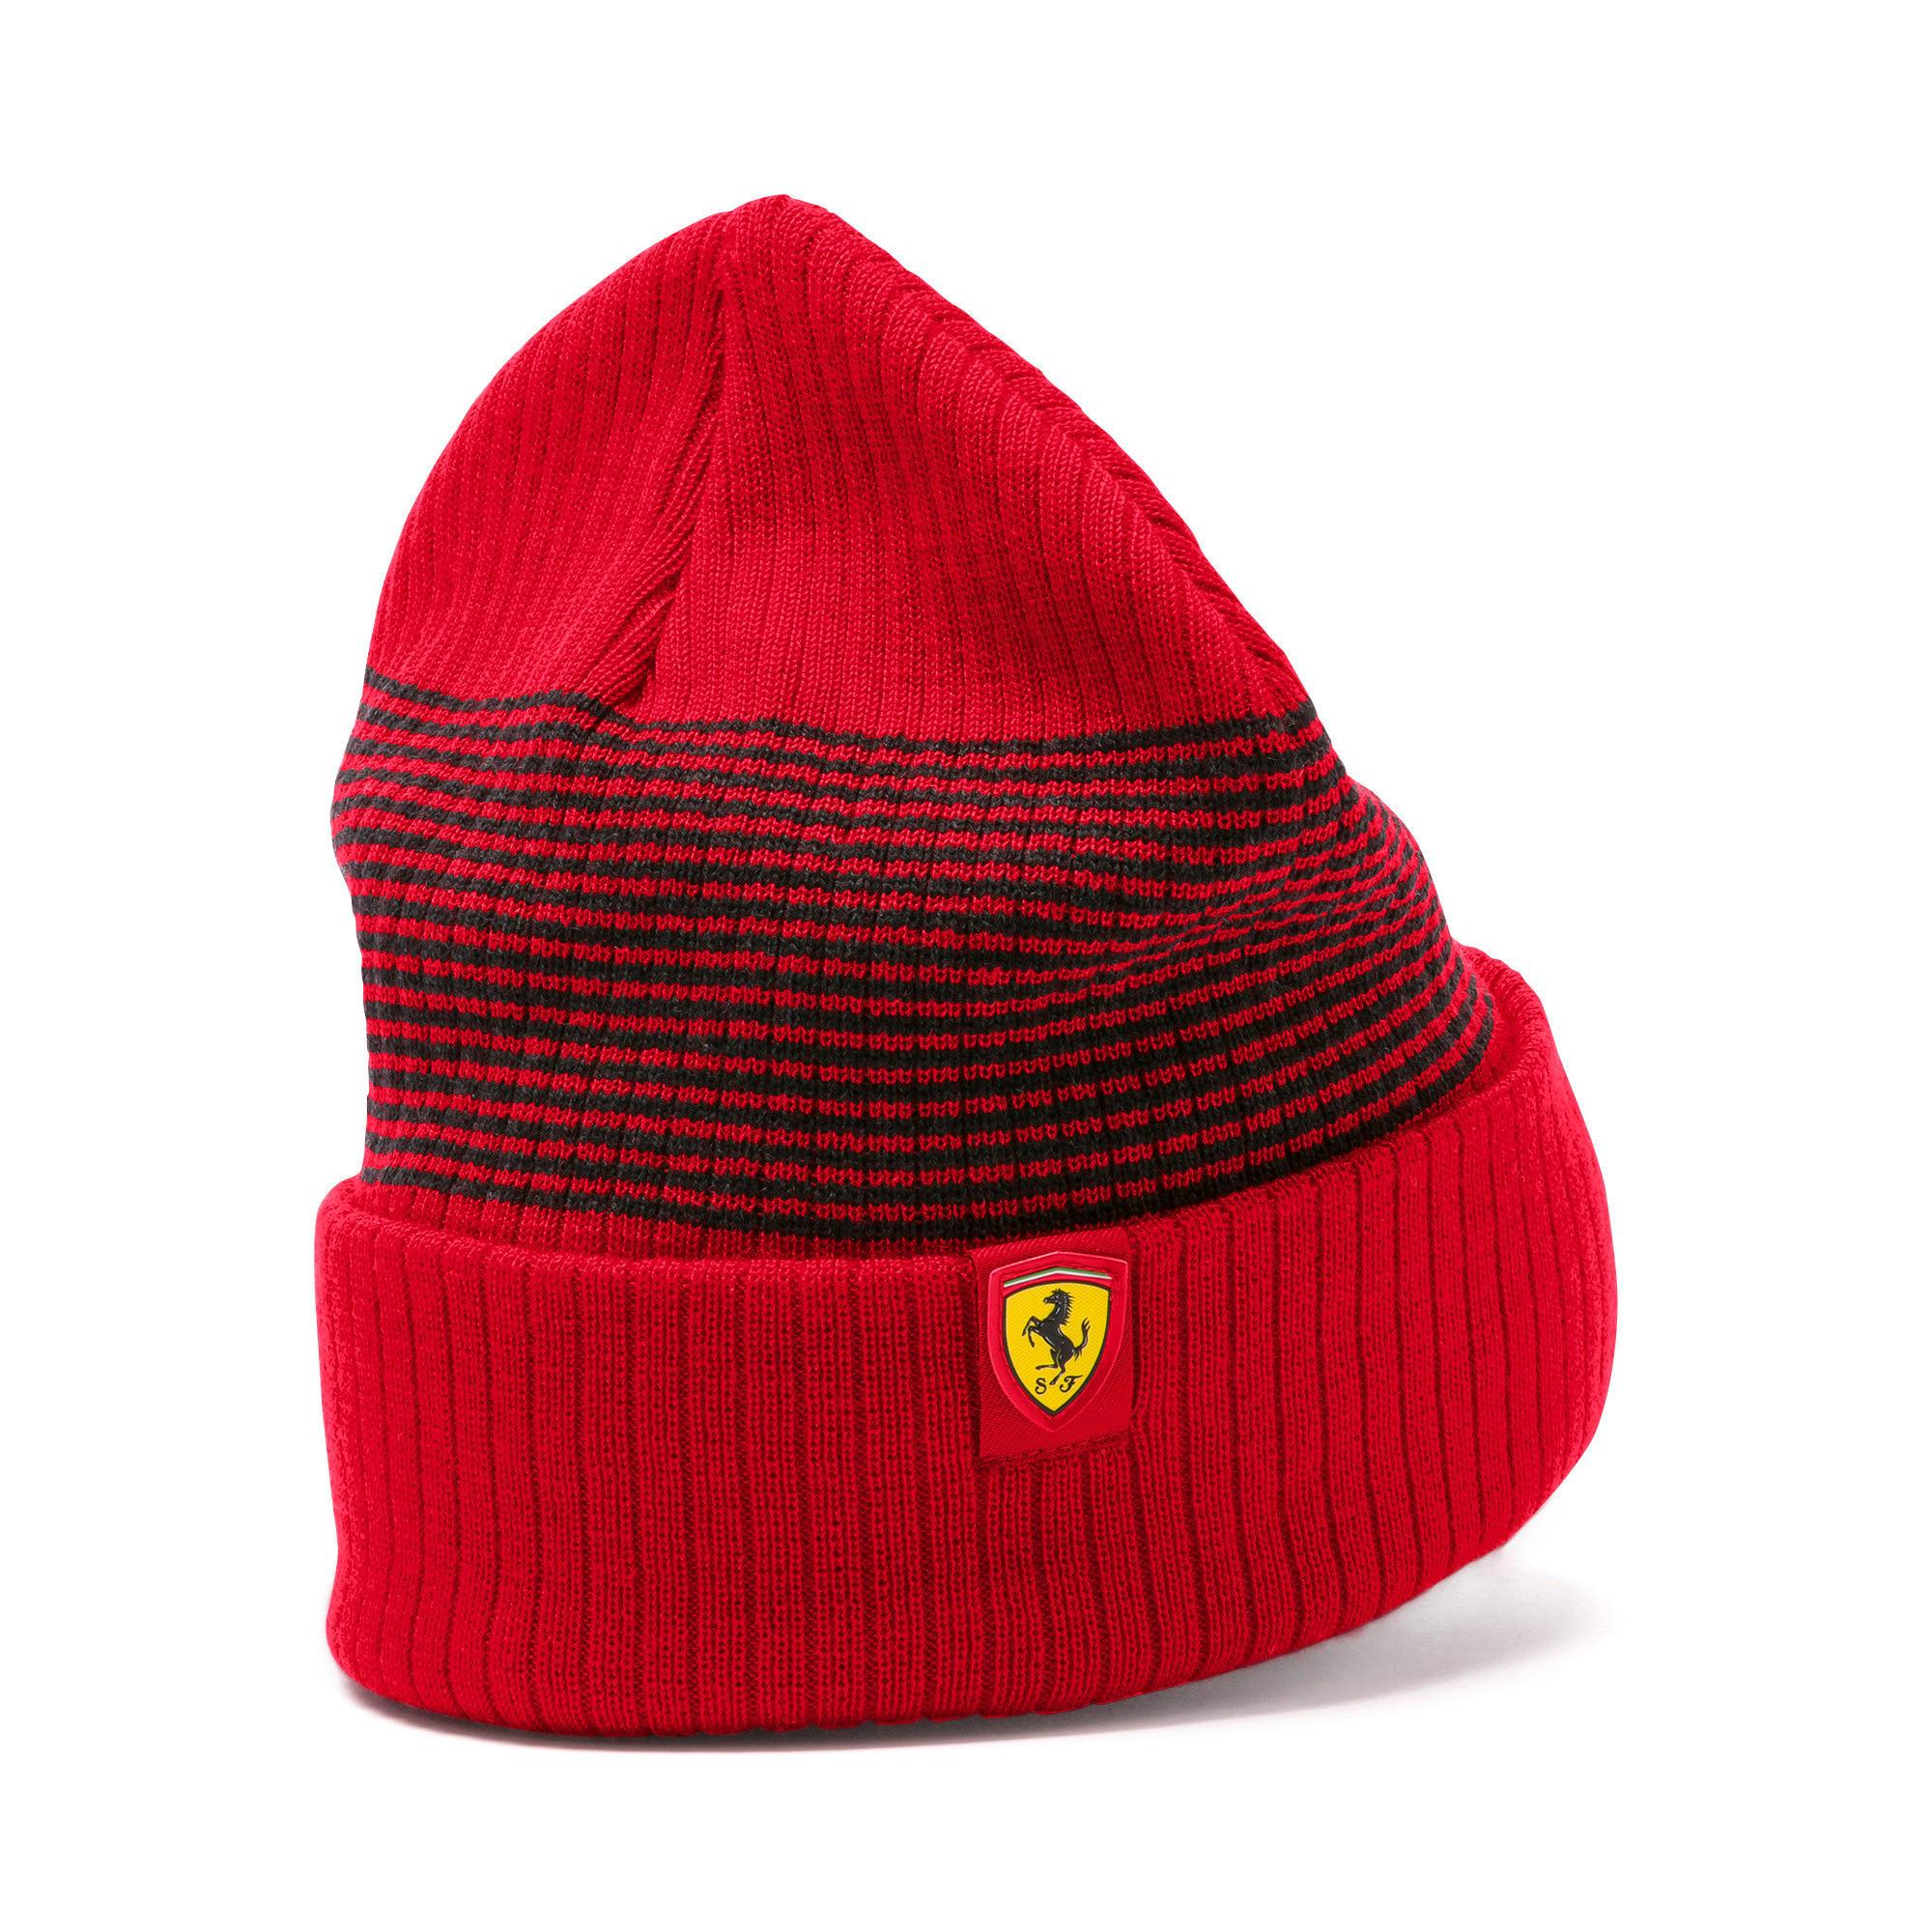 Thumbnail 2 of Ferrari Fanwear Beanie, Rosso Corsa, medium